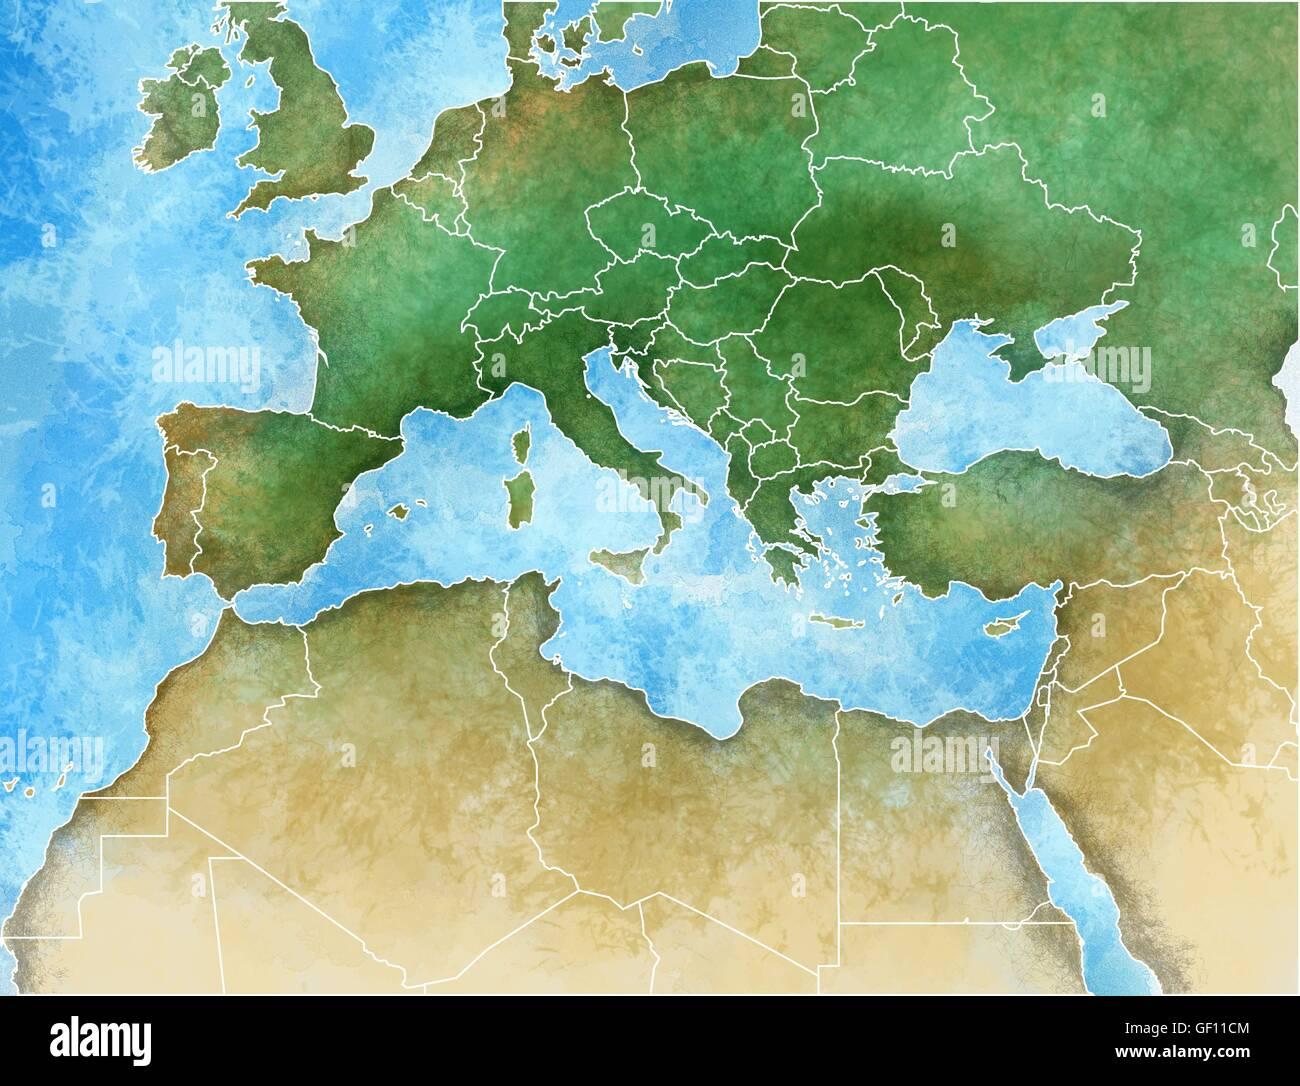 Mittelmeer Karte Europa.Handgezeichnete Karte Von Mittelmeer Europa Afrika Und